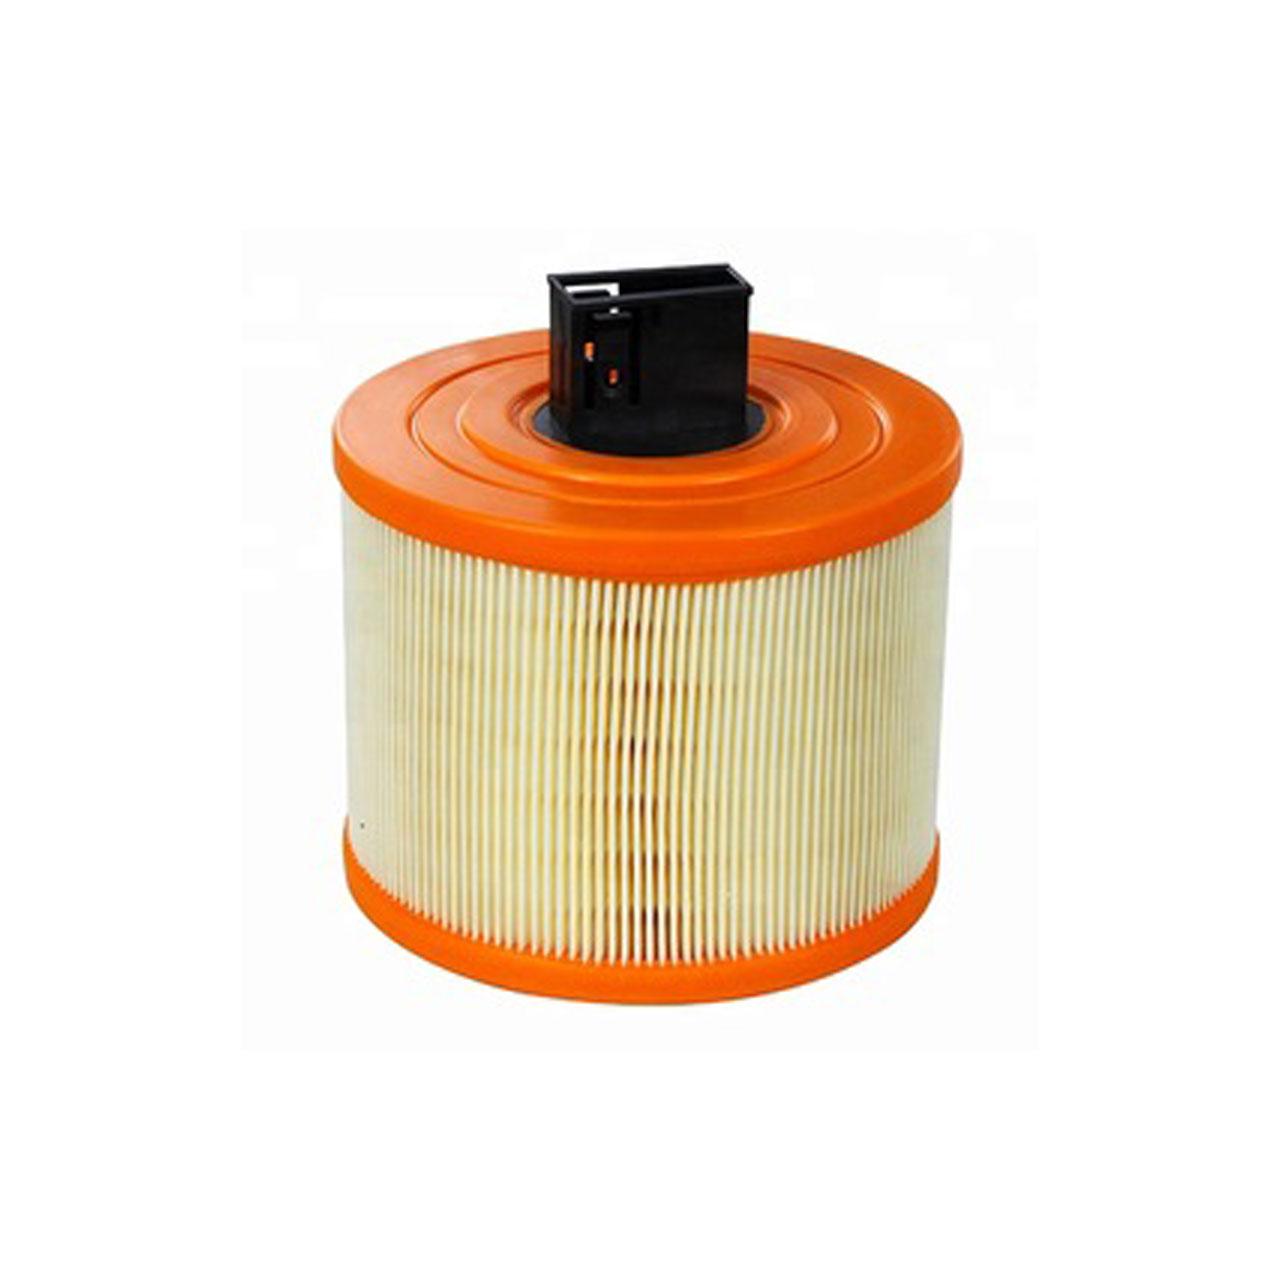 فیلتر هوا خودرو بی ام دبلیو مدل E90 مناسب برای بی ام دبلیو 330i